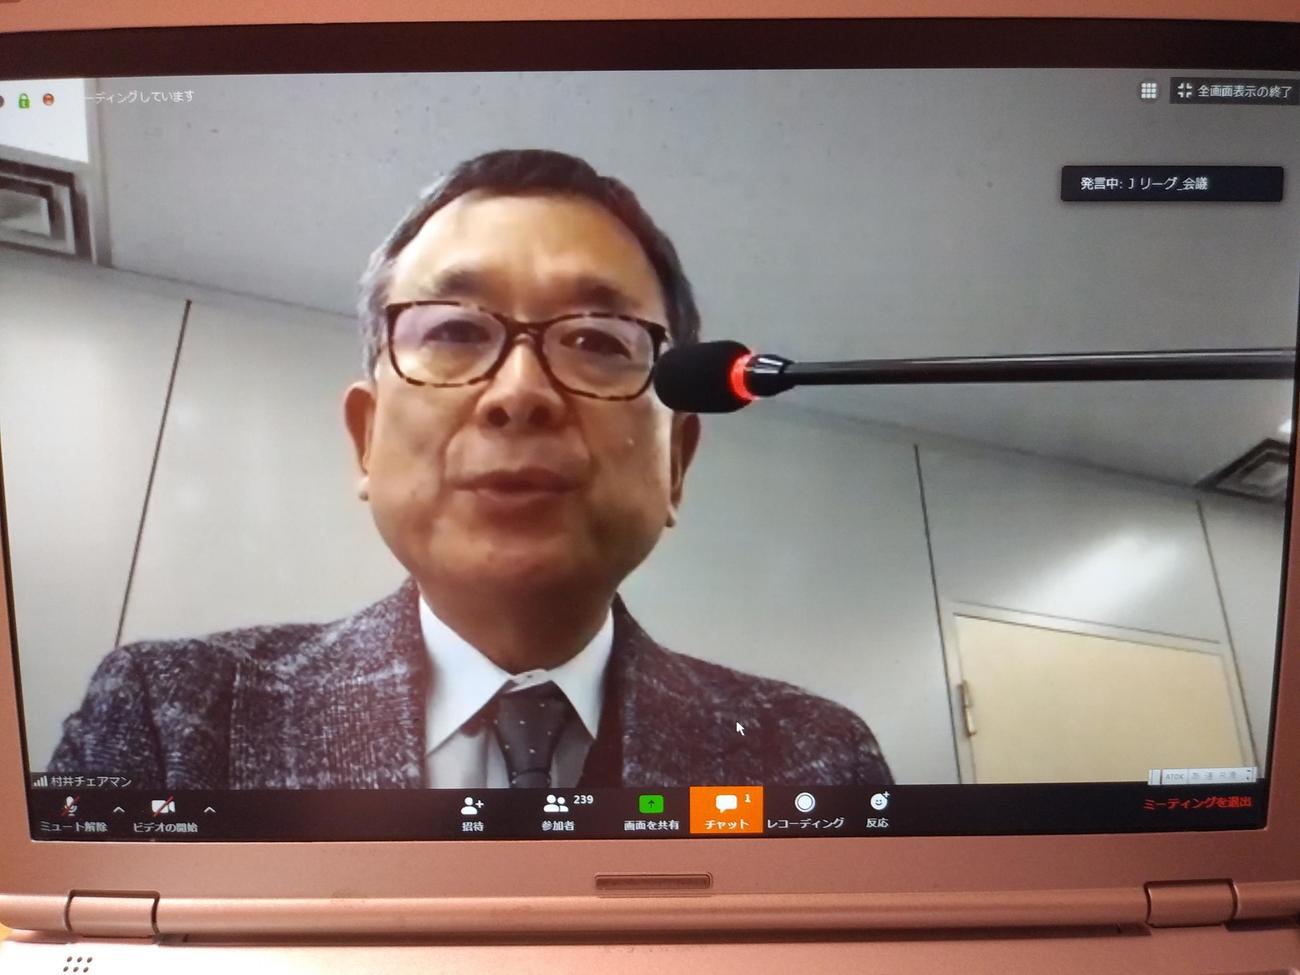 第5回新型コロナウイルス対策連絡会議のウェブ会見で発言するJリーグ村井満チェアマン